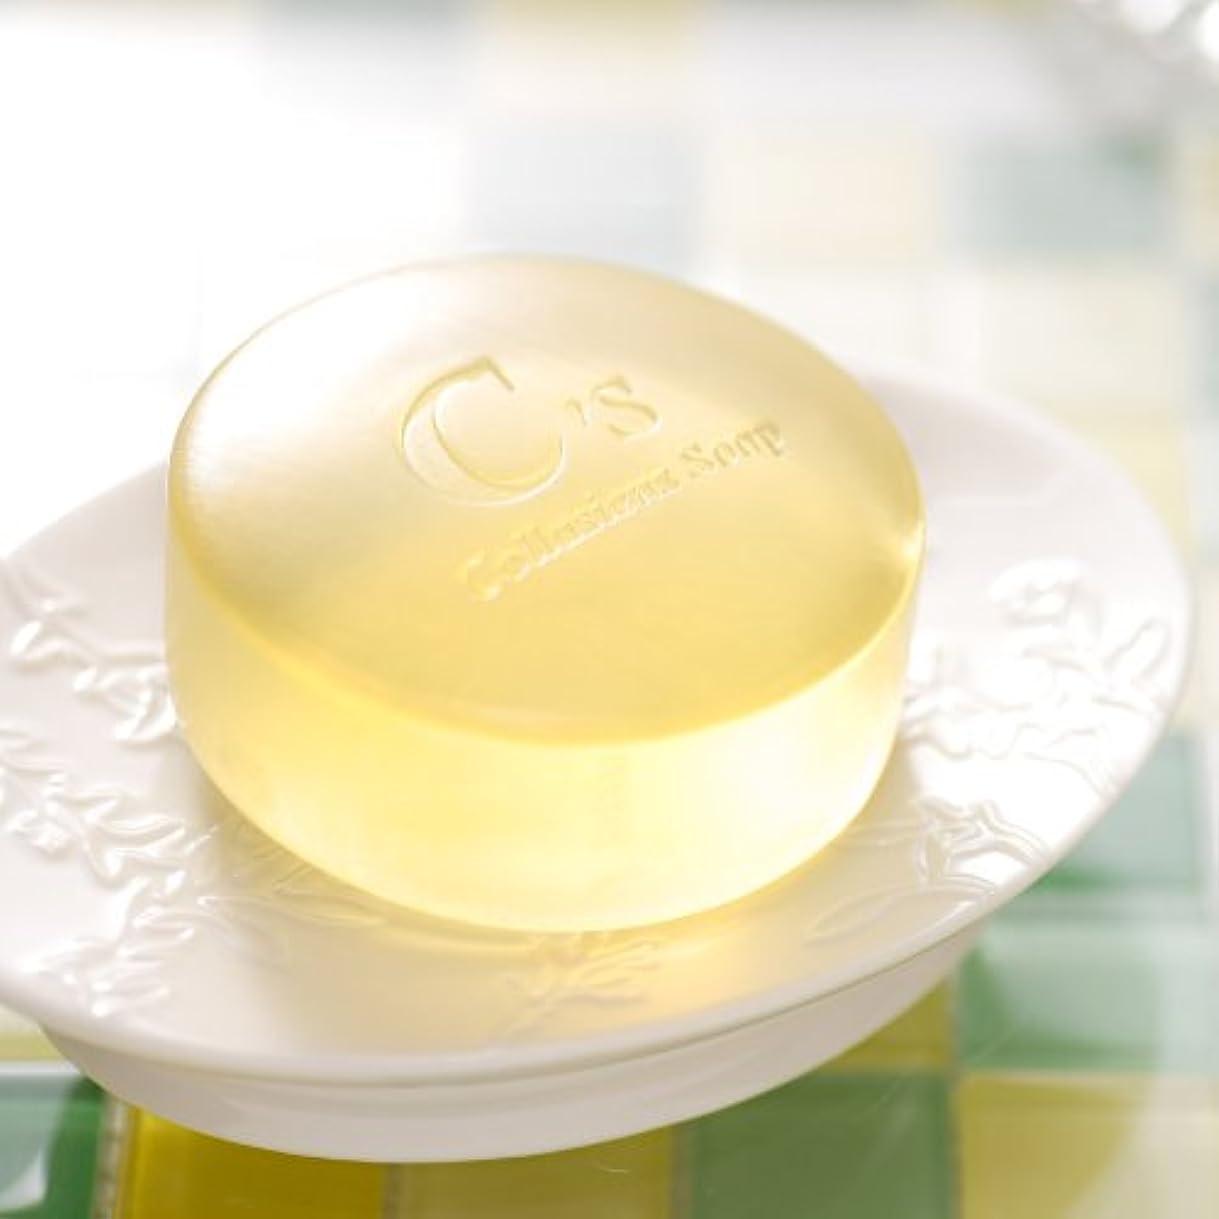 無限対抗有名な肌理石鹸(きめせっけん)☆90日間熟成させた手作りソープ